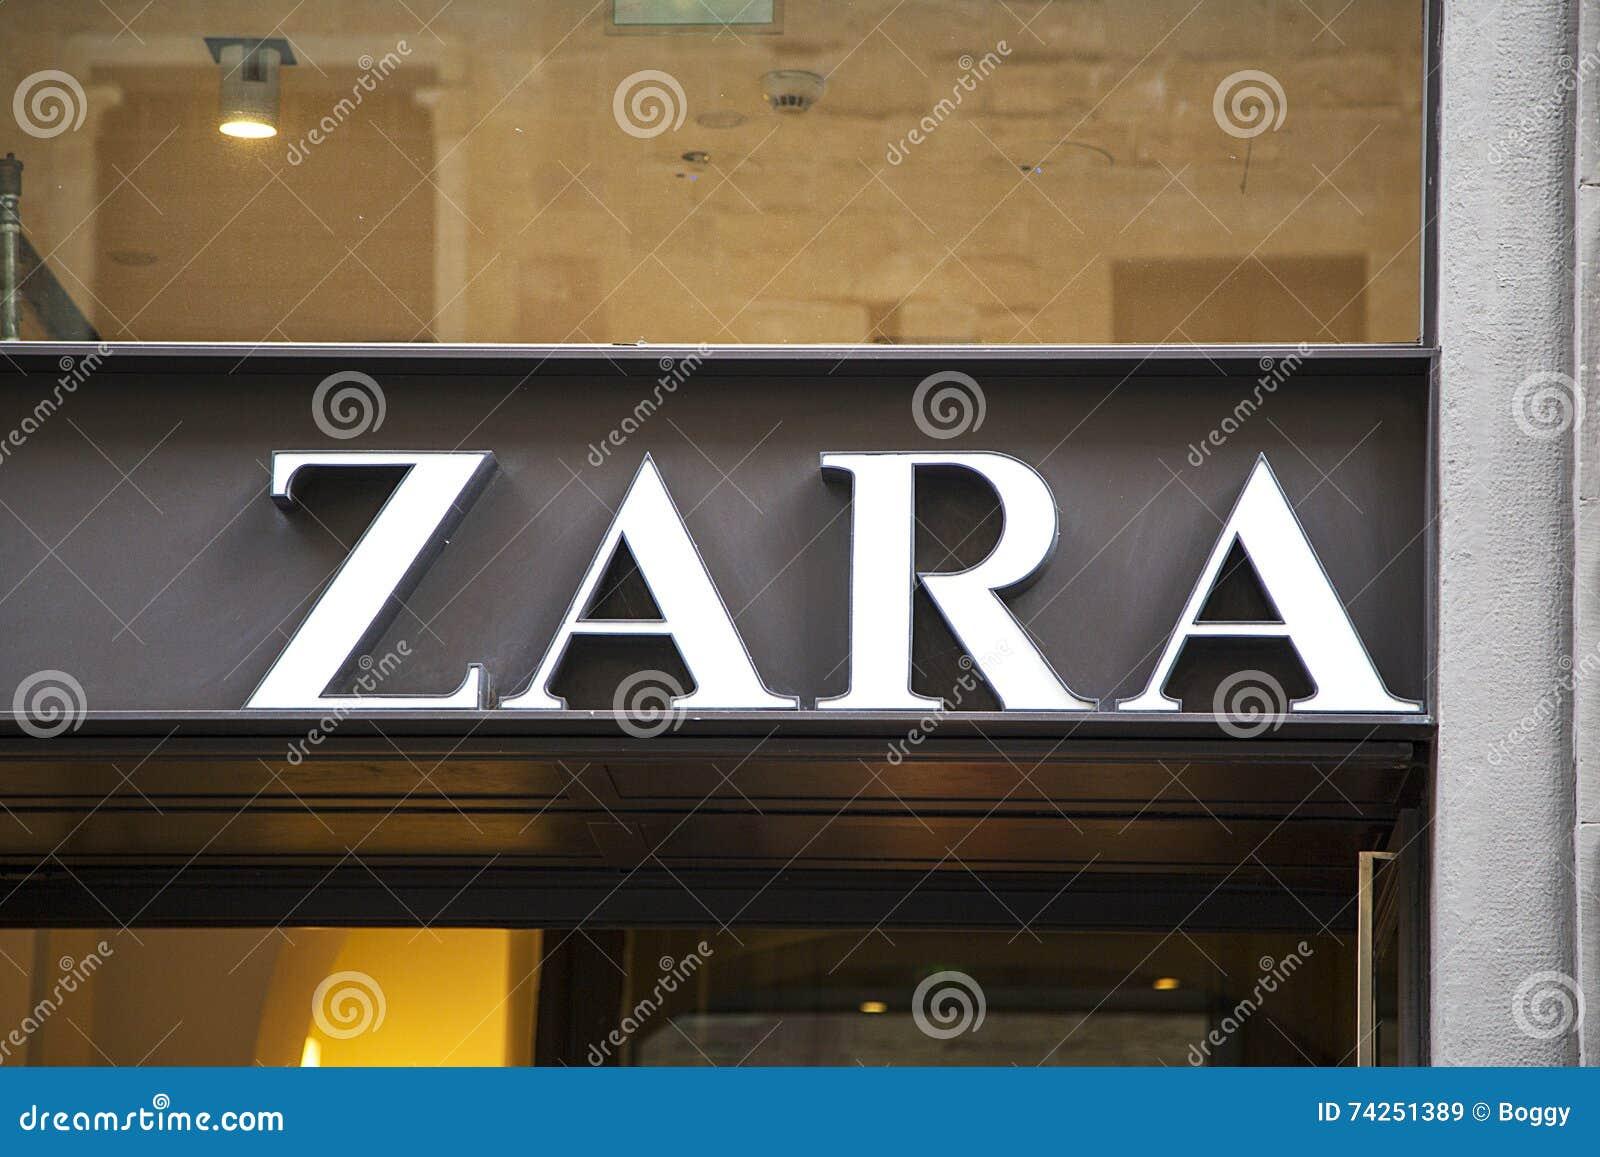 Almacn De Zara Imagen De Archivo Editorial Imagen De Estilo 74251389